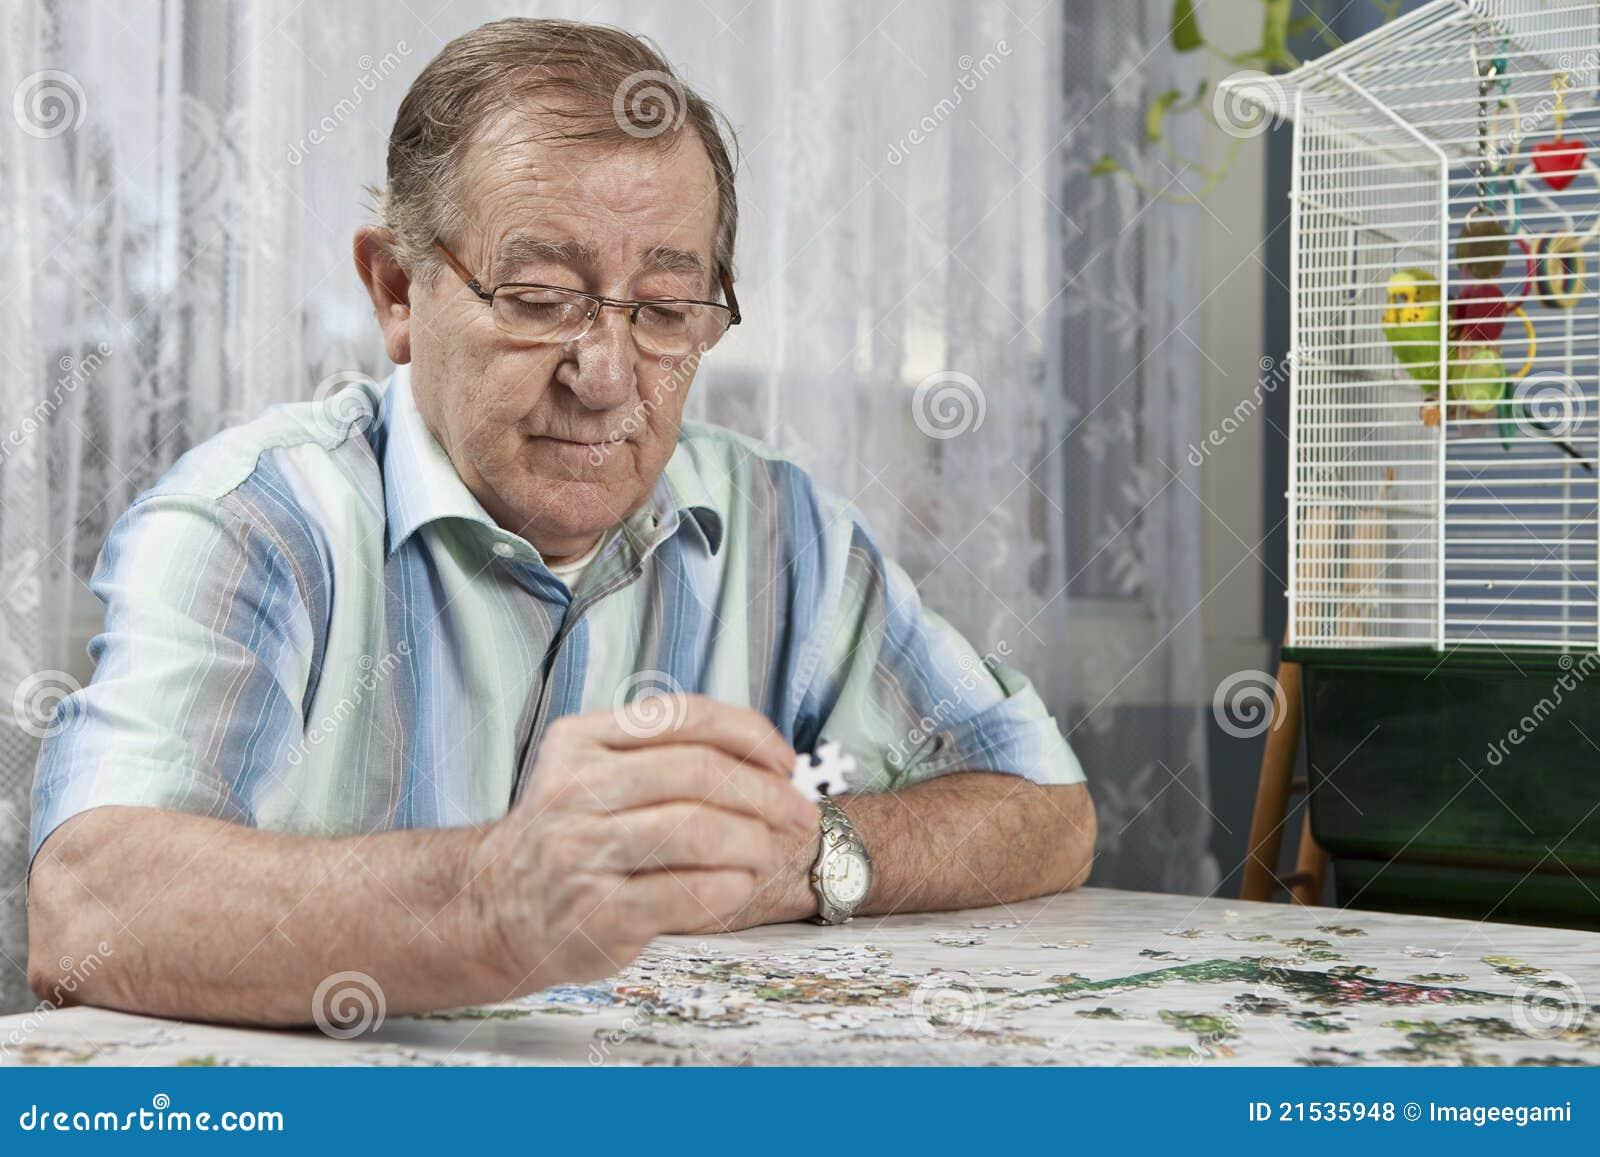 Hogere mens die aan een raadsel werkt